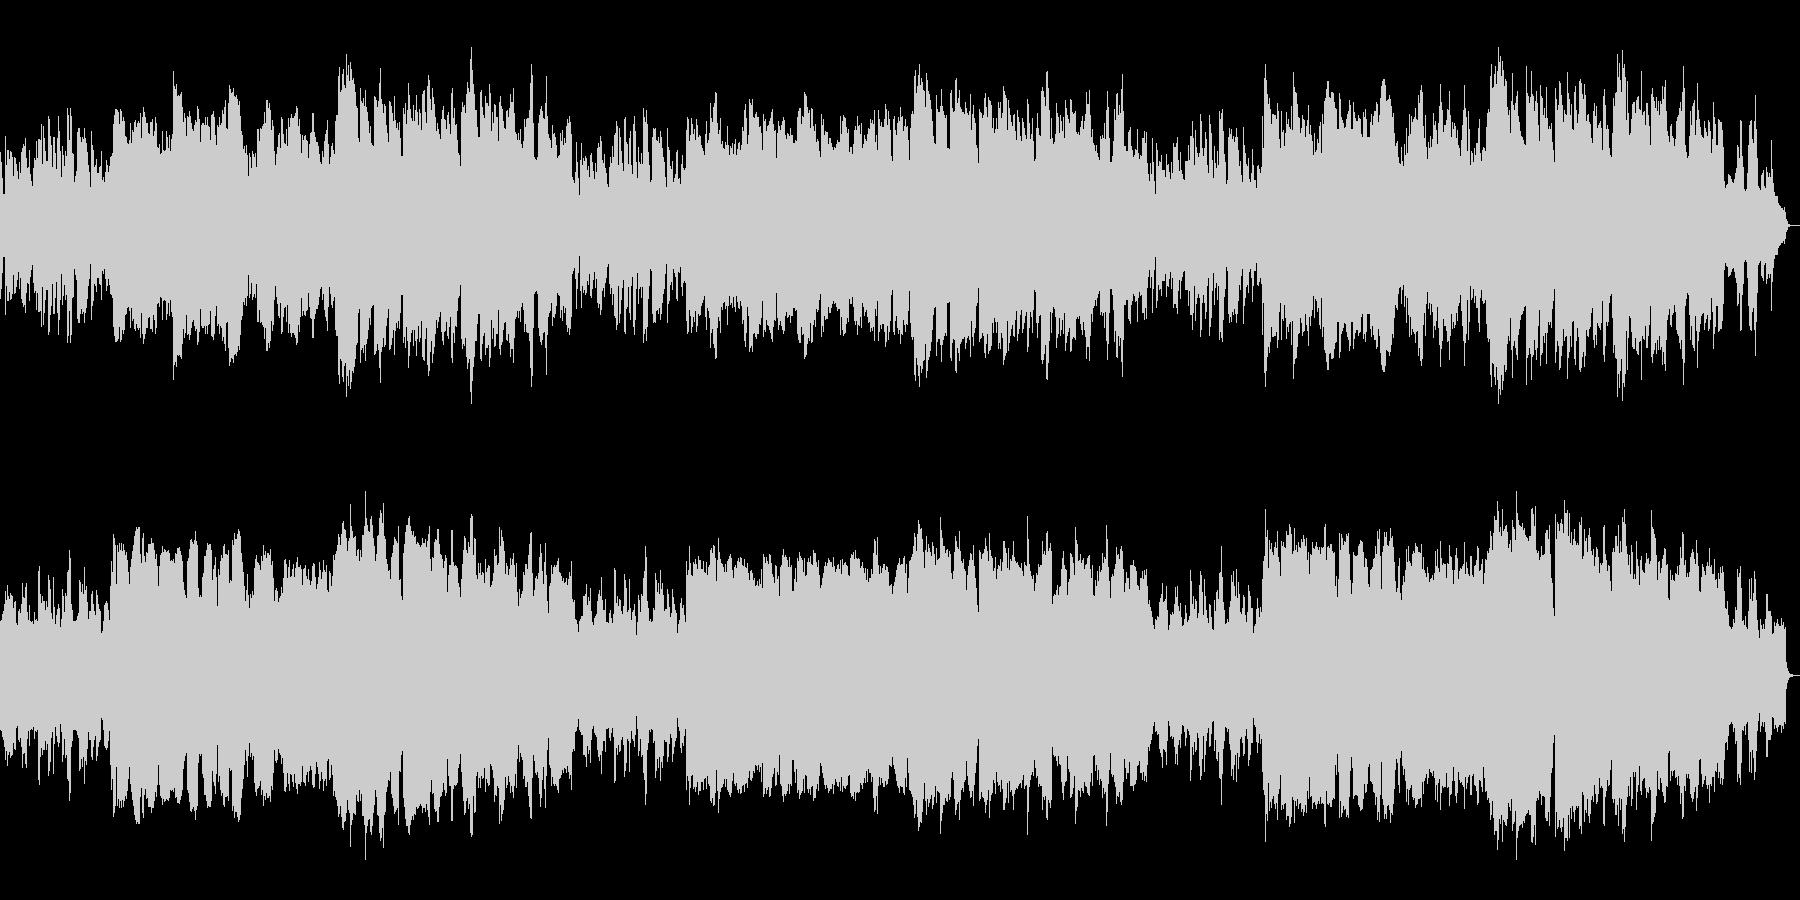 フルート、ピアノ中心の優しい子守唄ワルツの未再生の波形